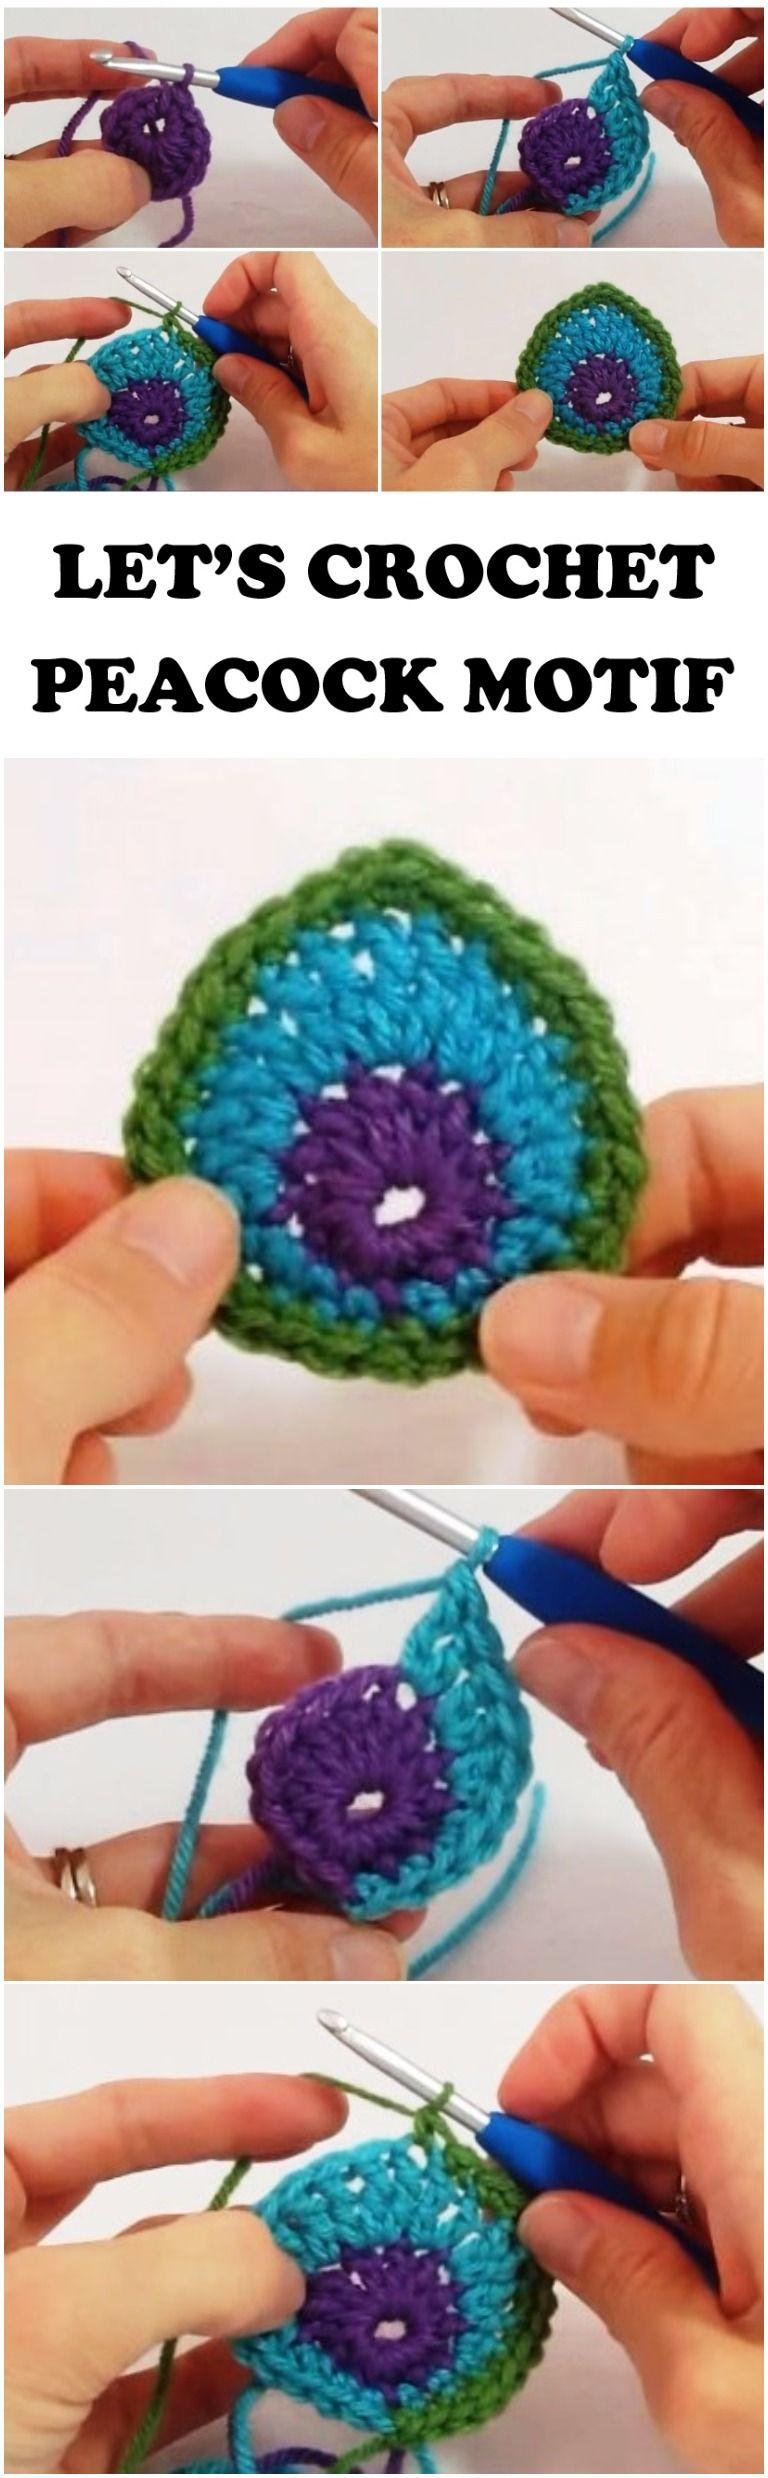 Crochet Pretty Peacock Motif Tutorial | Ganchillo, Tejido y Patrones